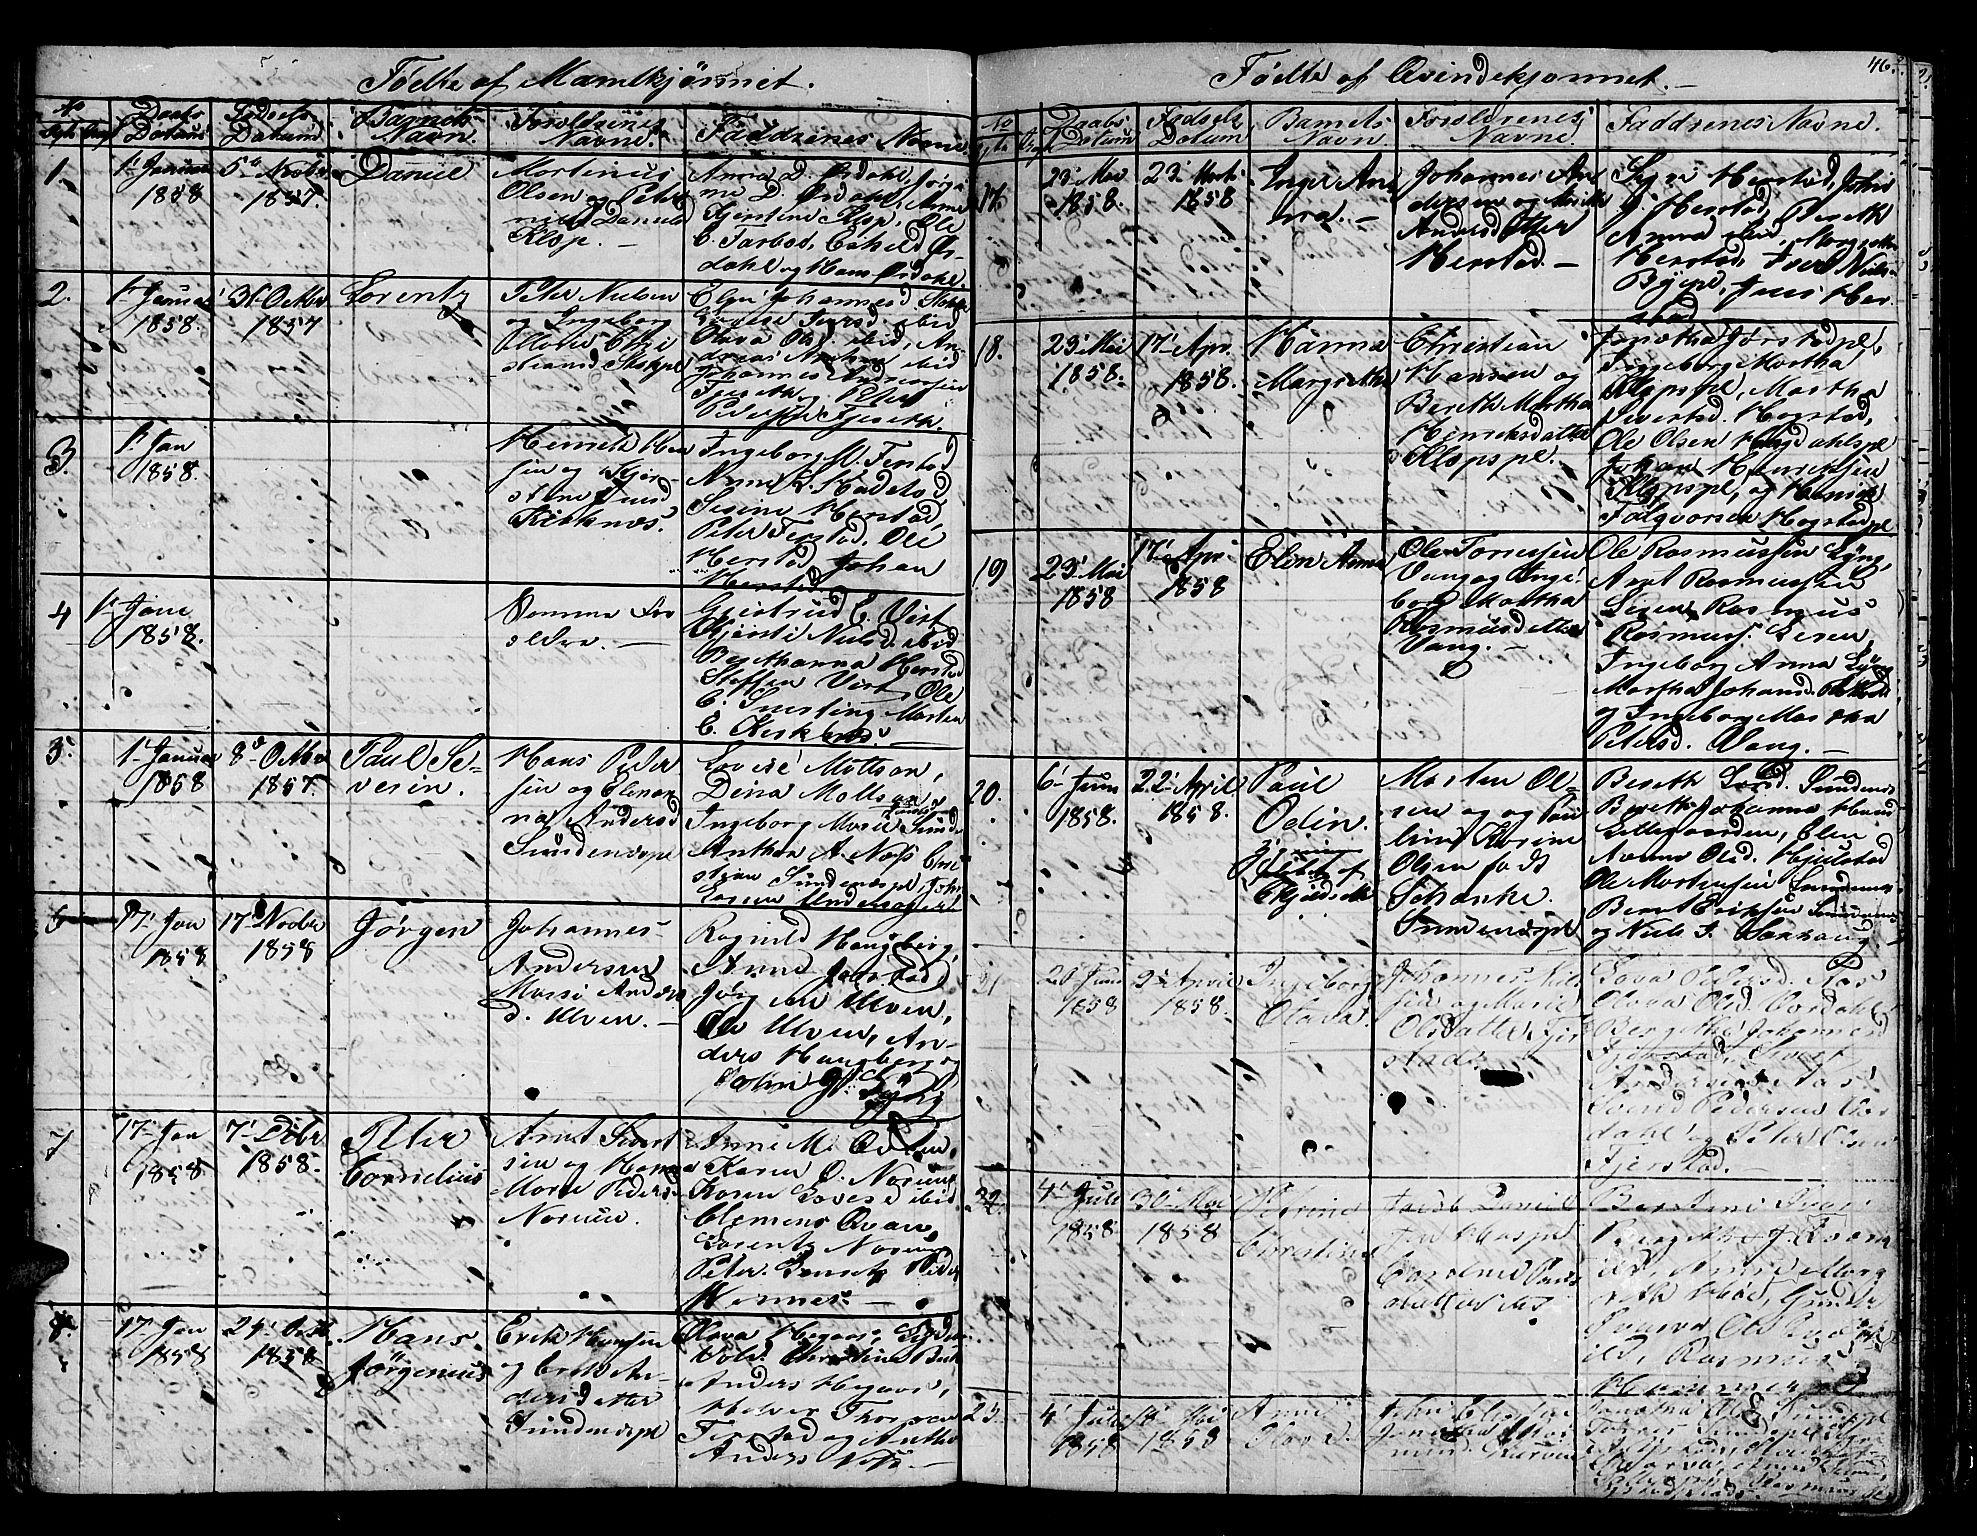 SAT, Ministerialprotokoller, klokkerbøker og fødselsregistre - Nord-Trøndelag, 730/L0299: Klokkerbok nr. 730C02, 1849-1871, s. 46